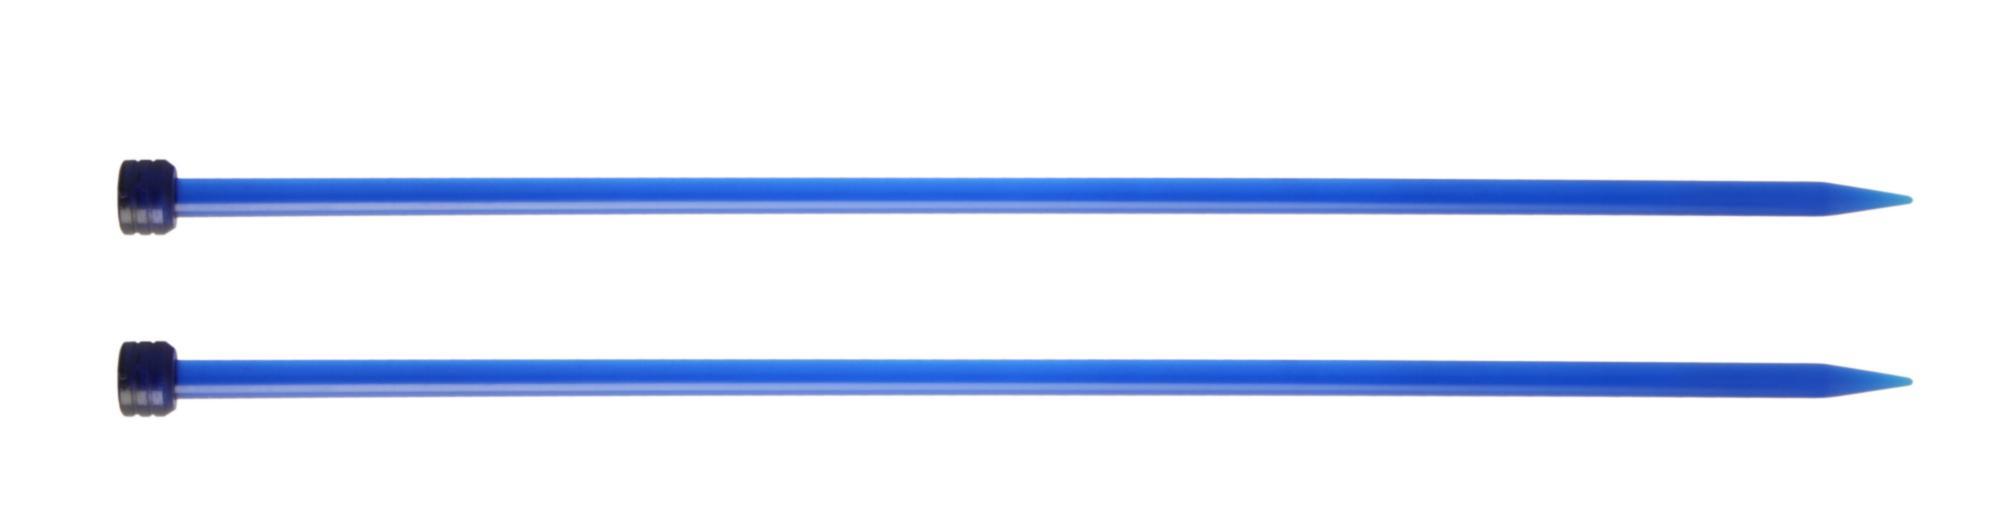 Спицы прямые 35 см Trendz KnitPro, 51215, 7.00 мм